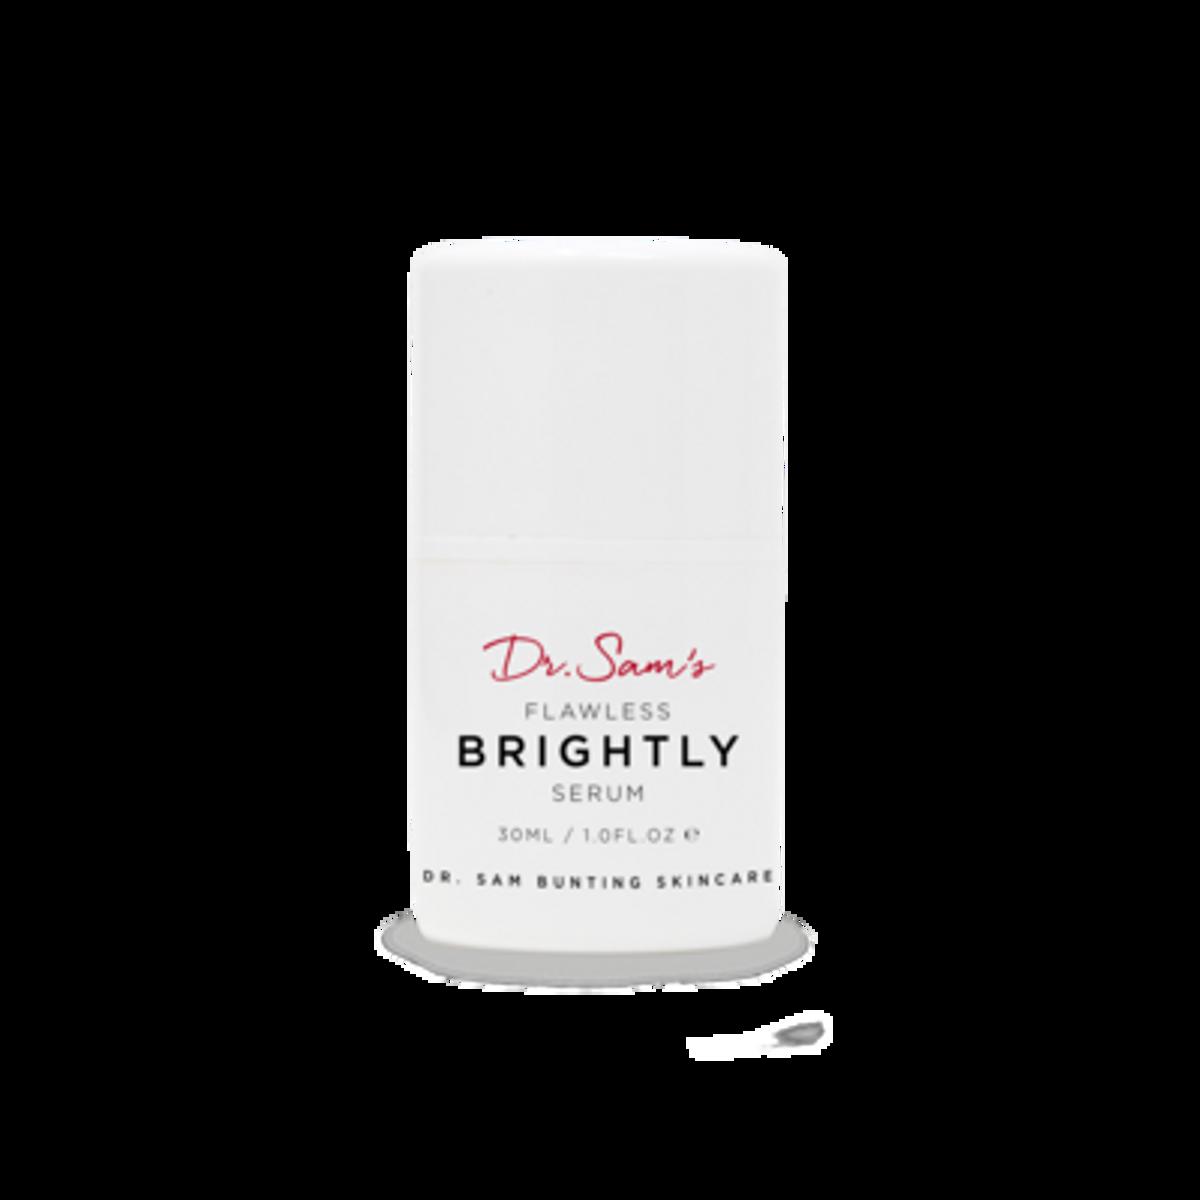 dr sams flawless brightly serum